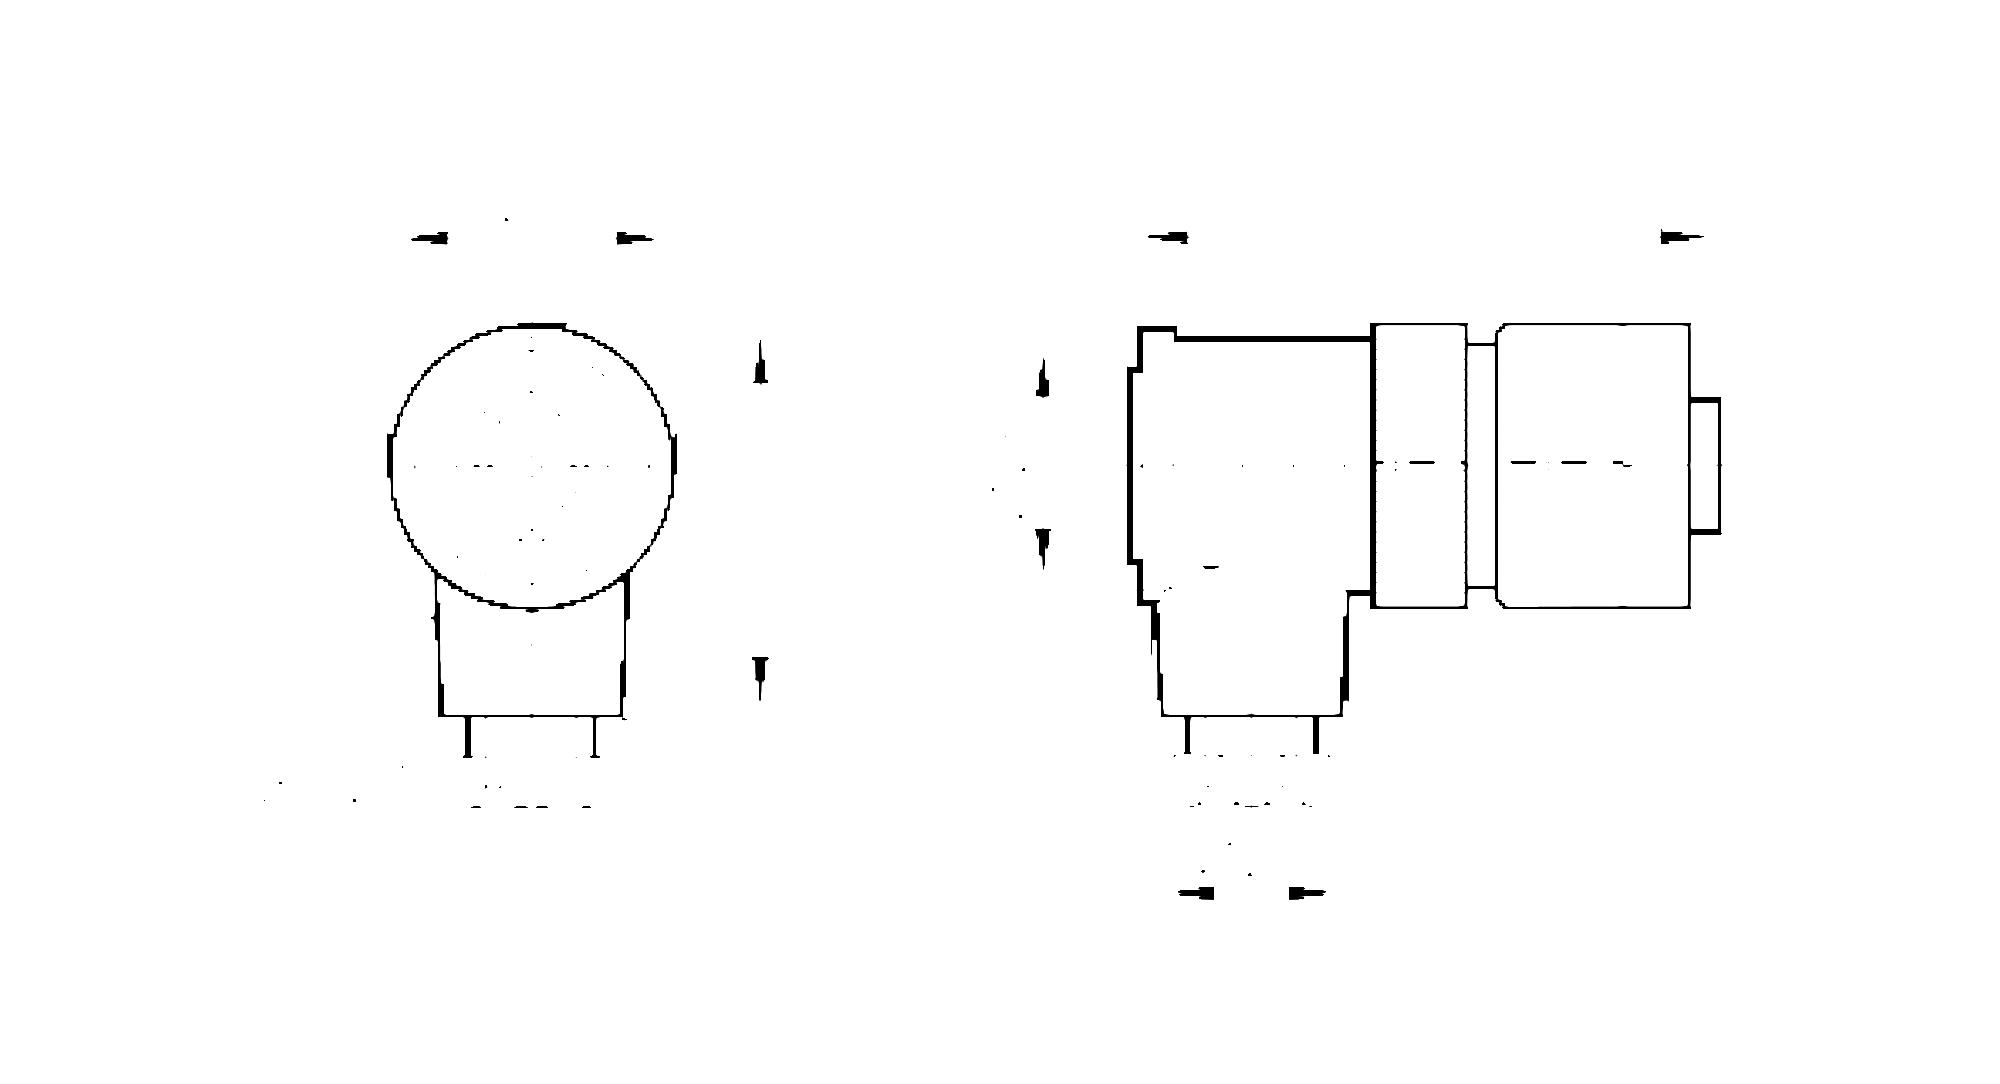 e11043 - wirable socket